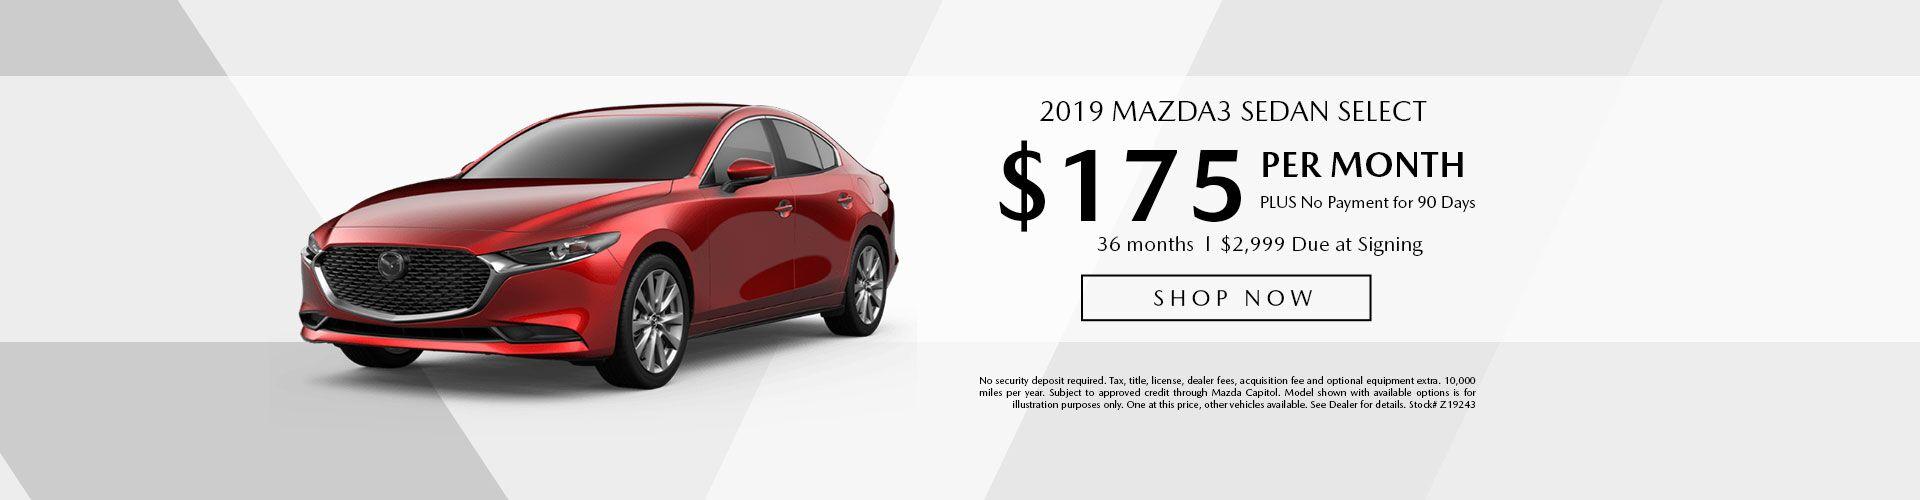 Mazda Dealers In Ohio >> Mazda Dealership Beavercreek Oh Used Cars Jeff Schmitt Mazda